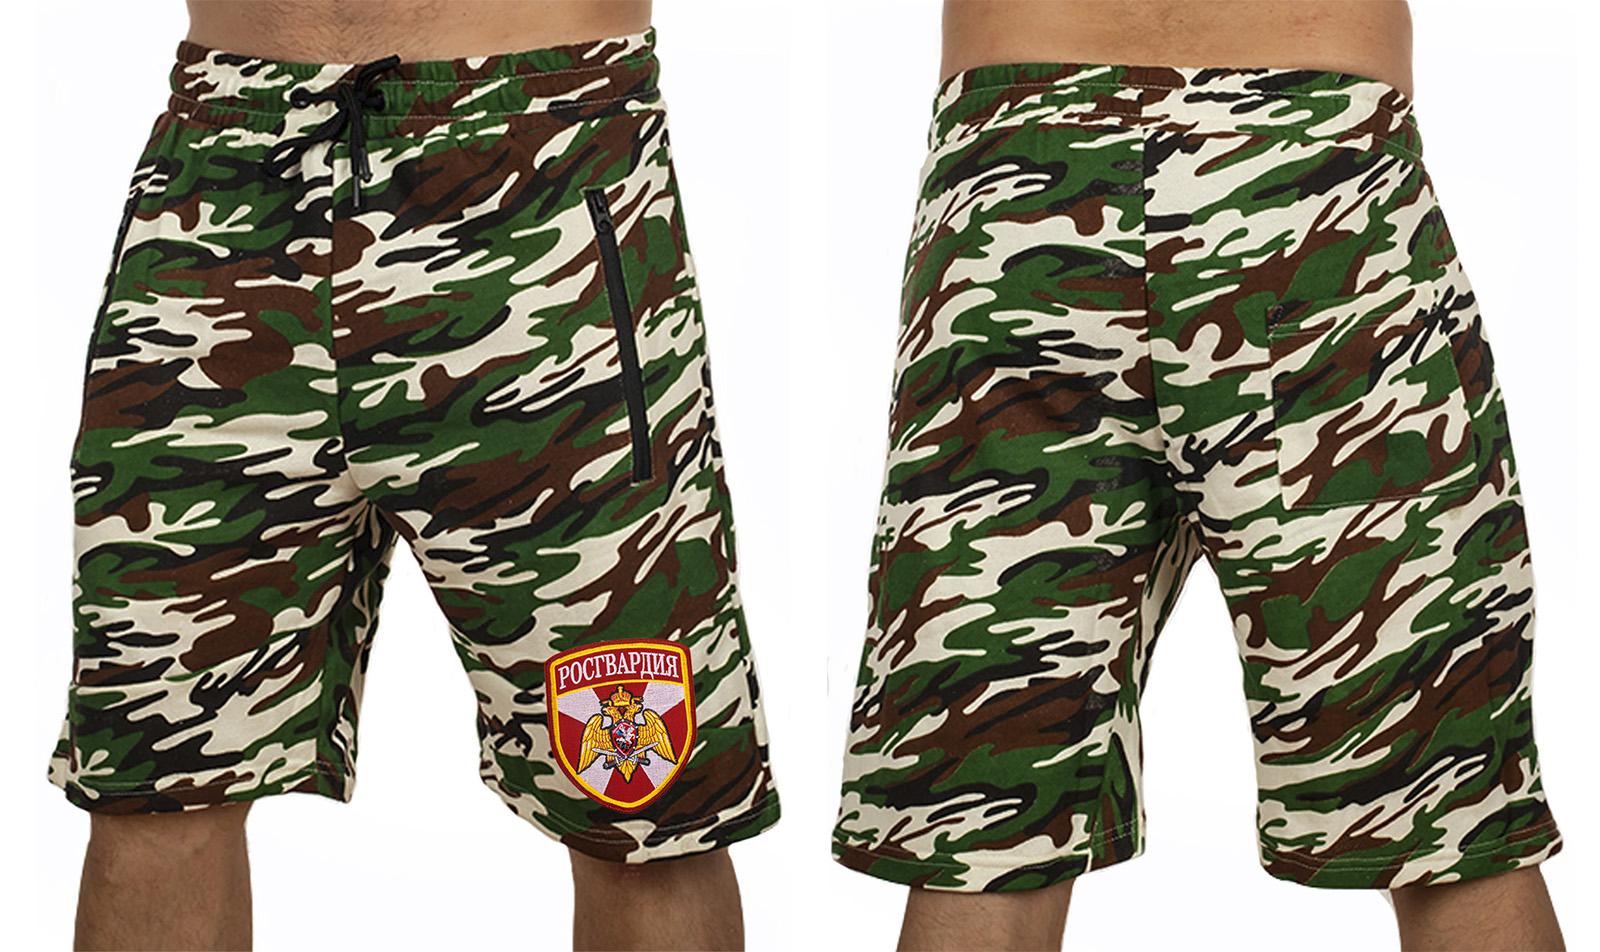 Камуфляжные мужские шорты с нашивкой Росгвардия - купить в подарок